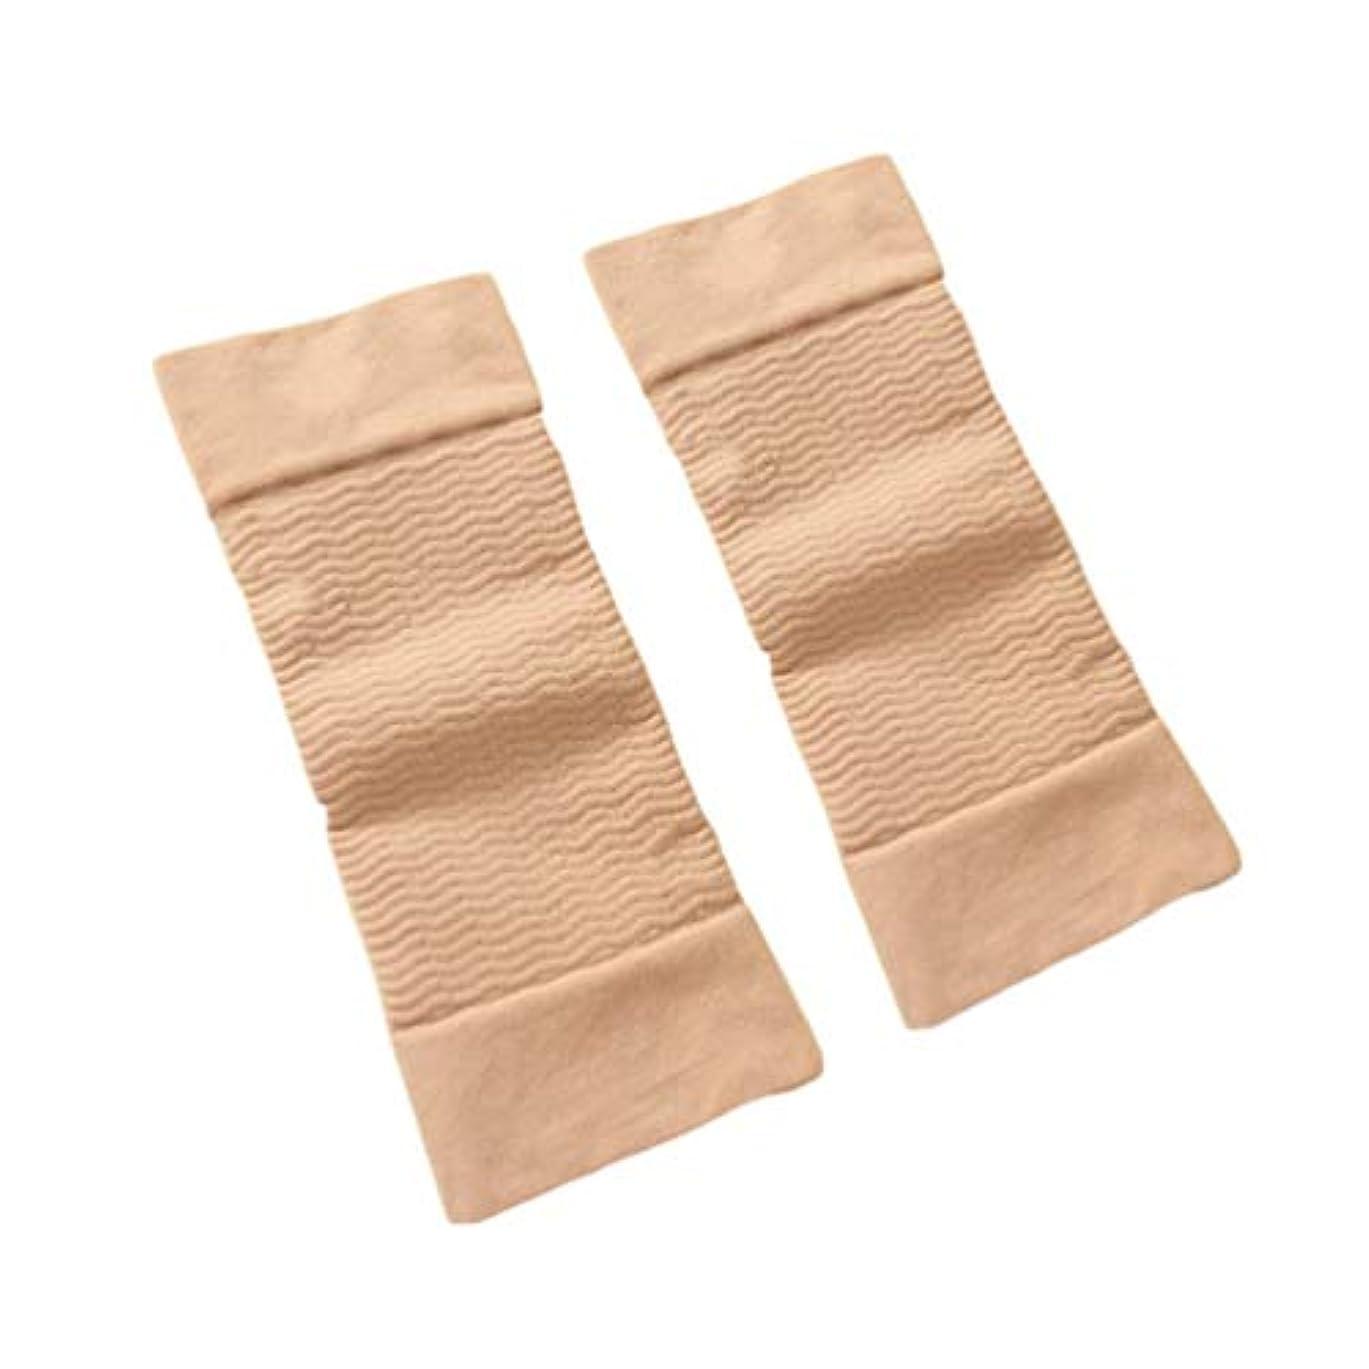 文明化する逃げる1ペア420 D圧縮痩身アームスリーブワークアウトトーニングバーンセルライトシェイパー脂肪燃焼袖用女性 - 肌色